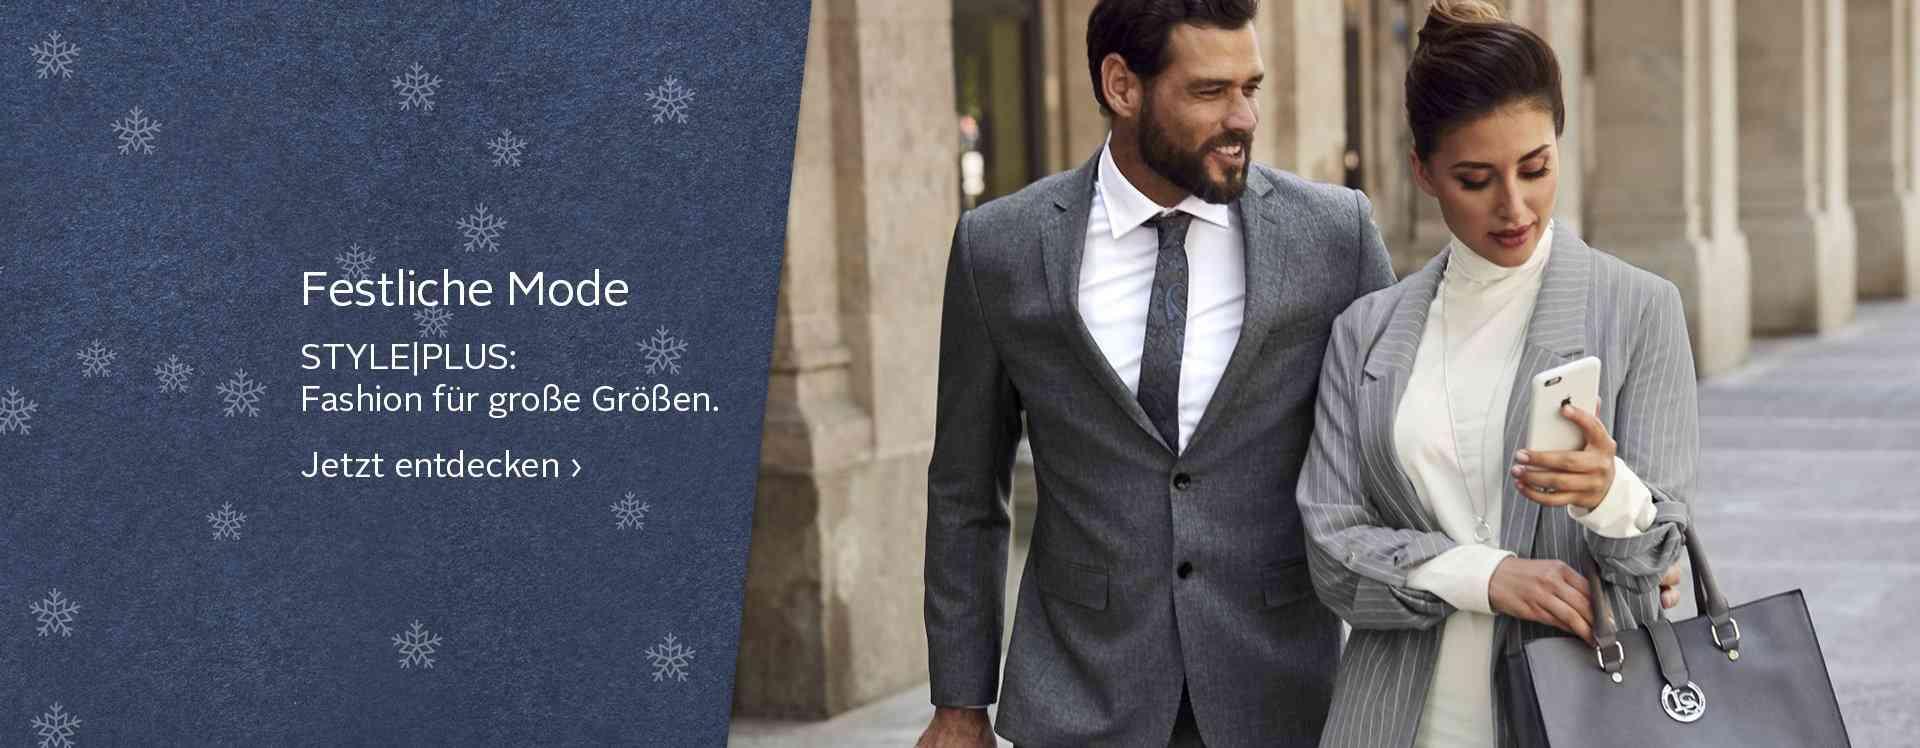 Feierliche Anlässe  sich immer, hier auch die passende Kleidung: festliche Mode für Damen und Herren in großen Größen. Jetzt stöbern!